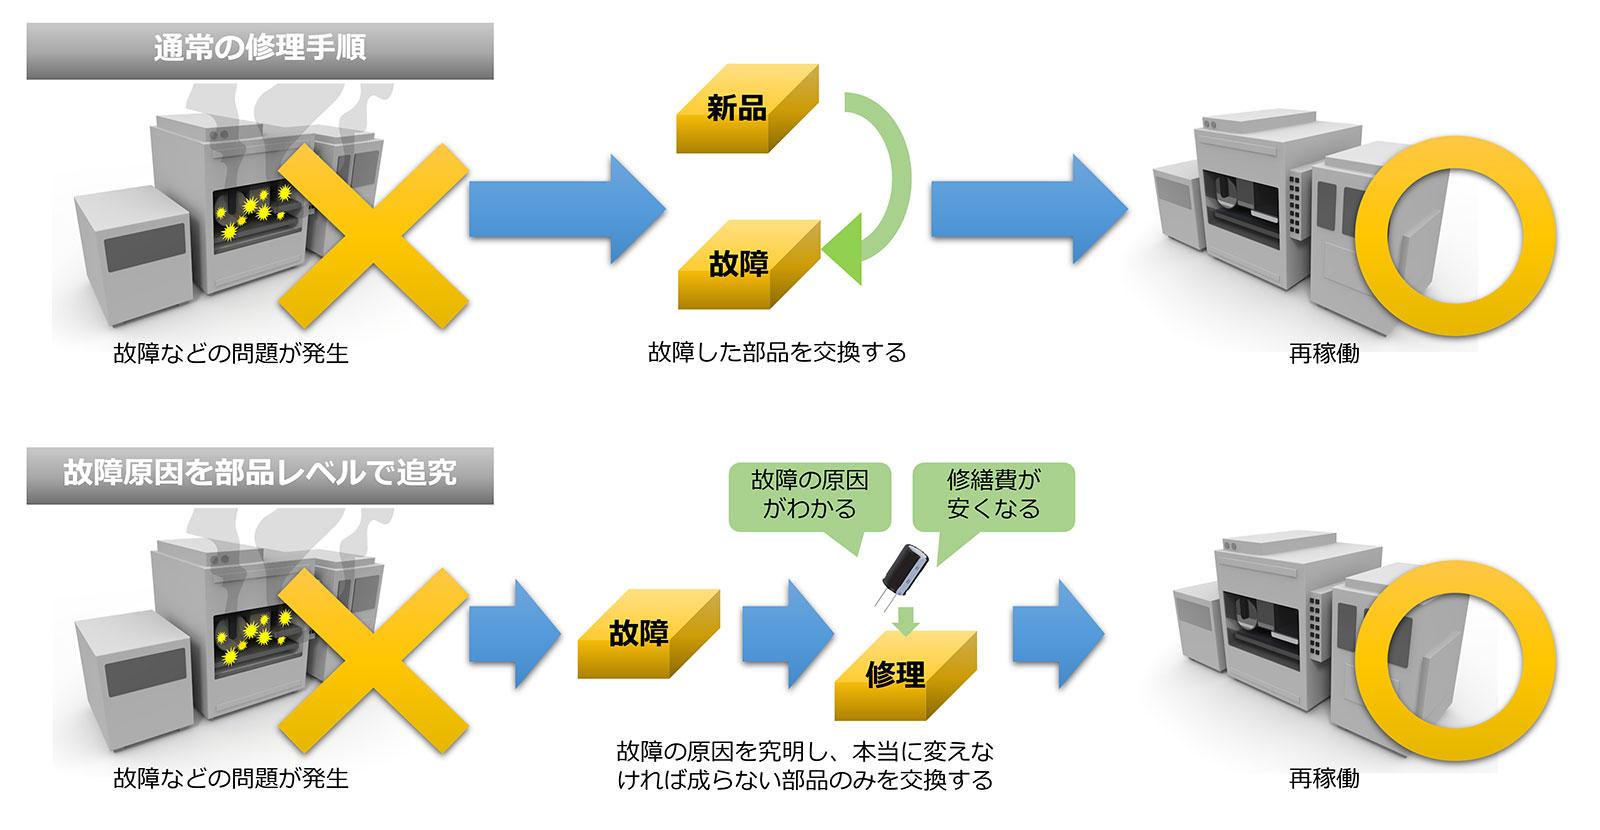 【図6 下がジャパンセミコンダクター大分事業所の取り組み。故障の真因を追究し、驚くほど安く、早く修理が完了することも】